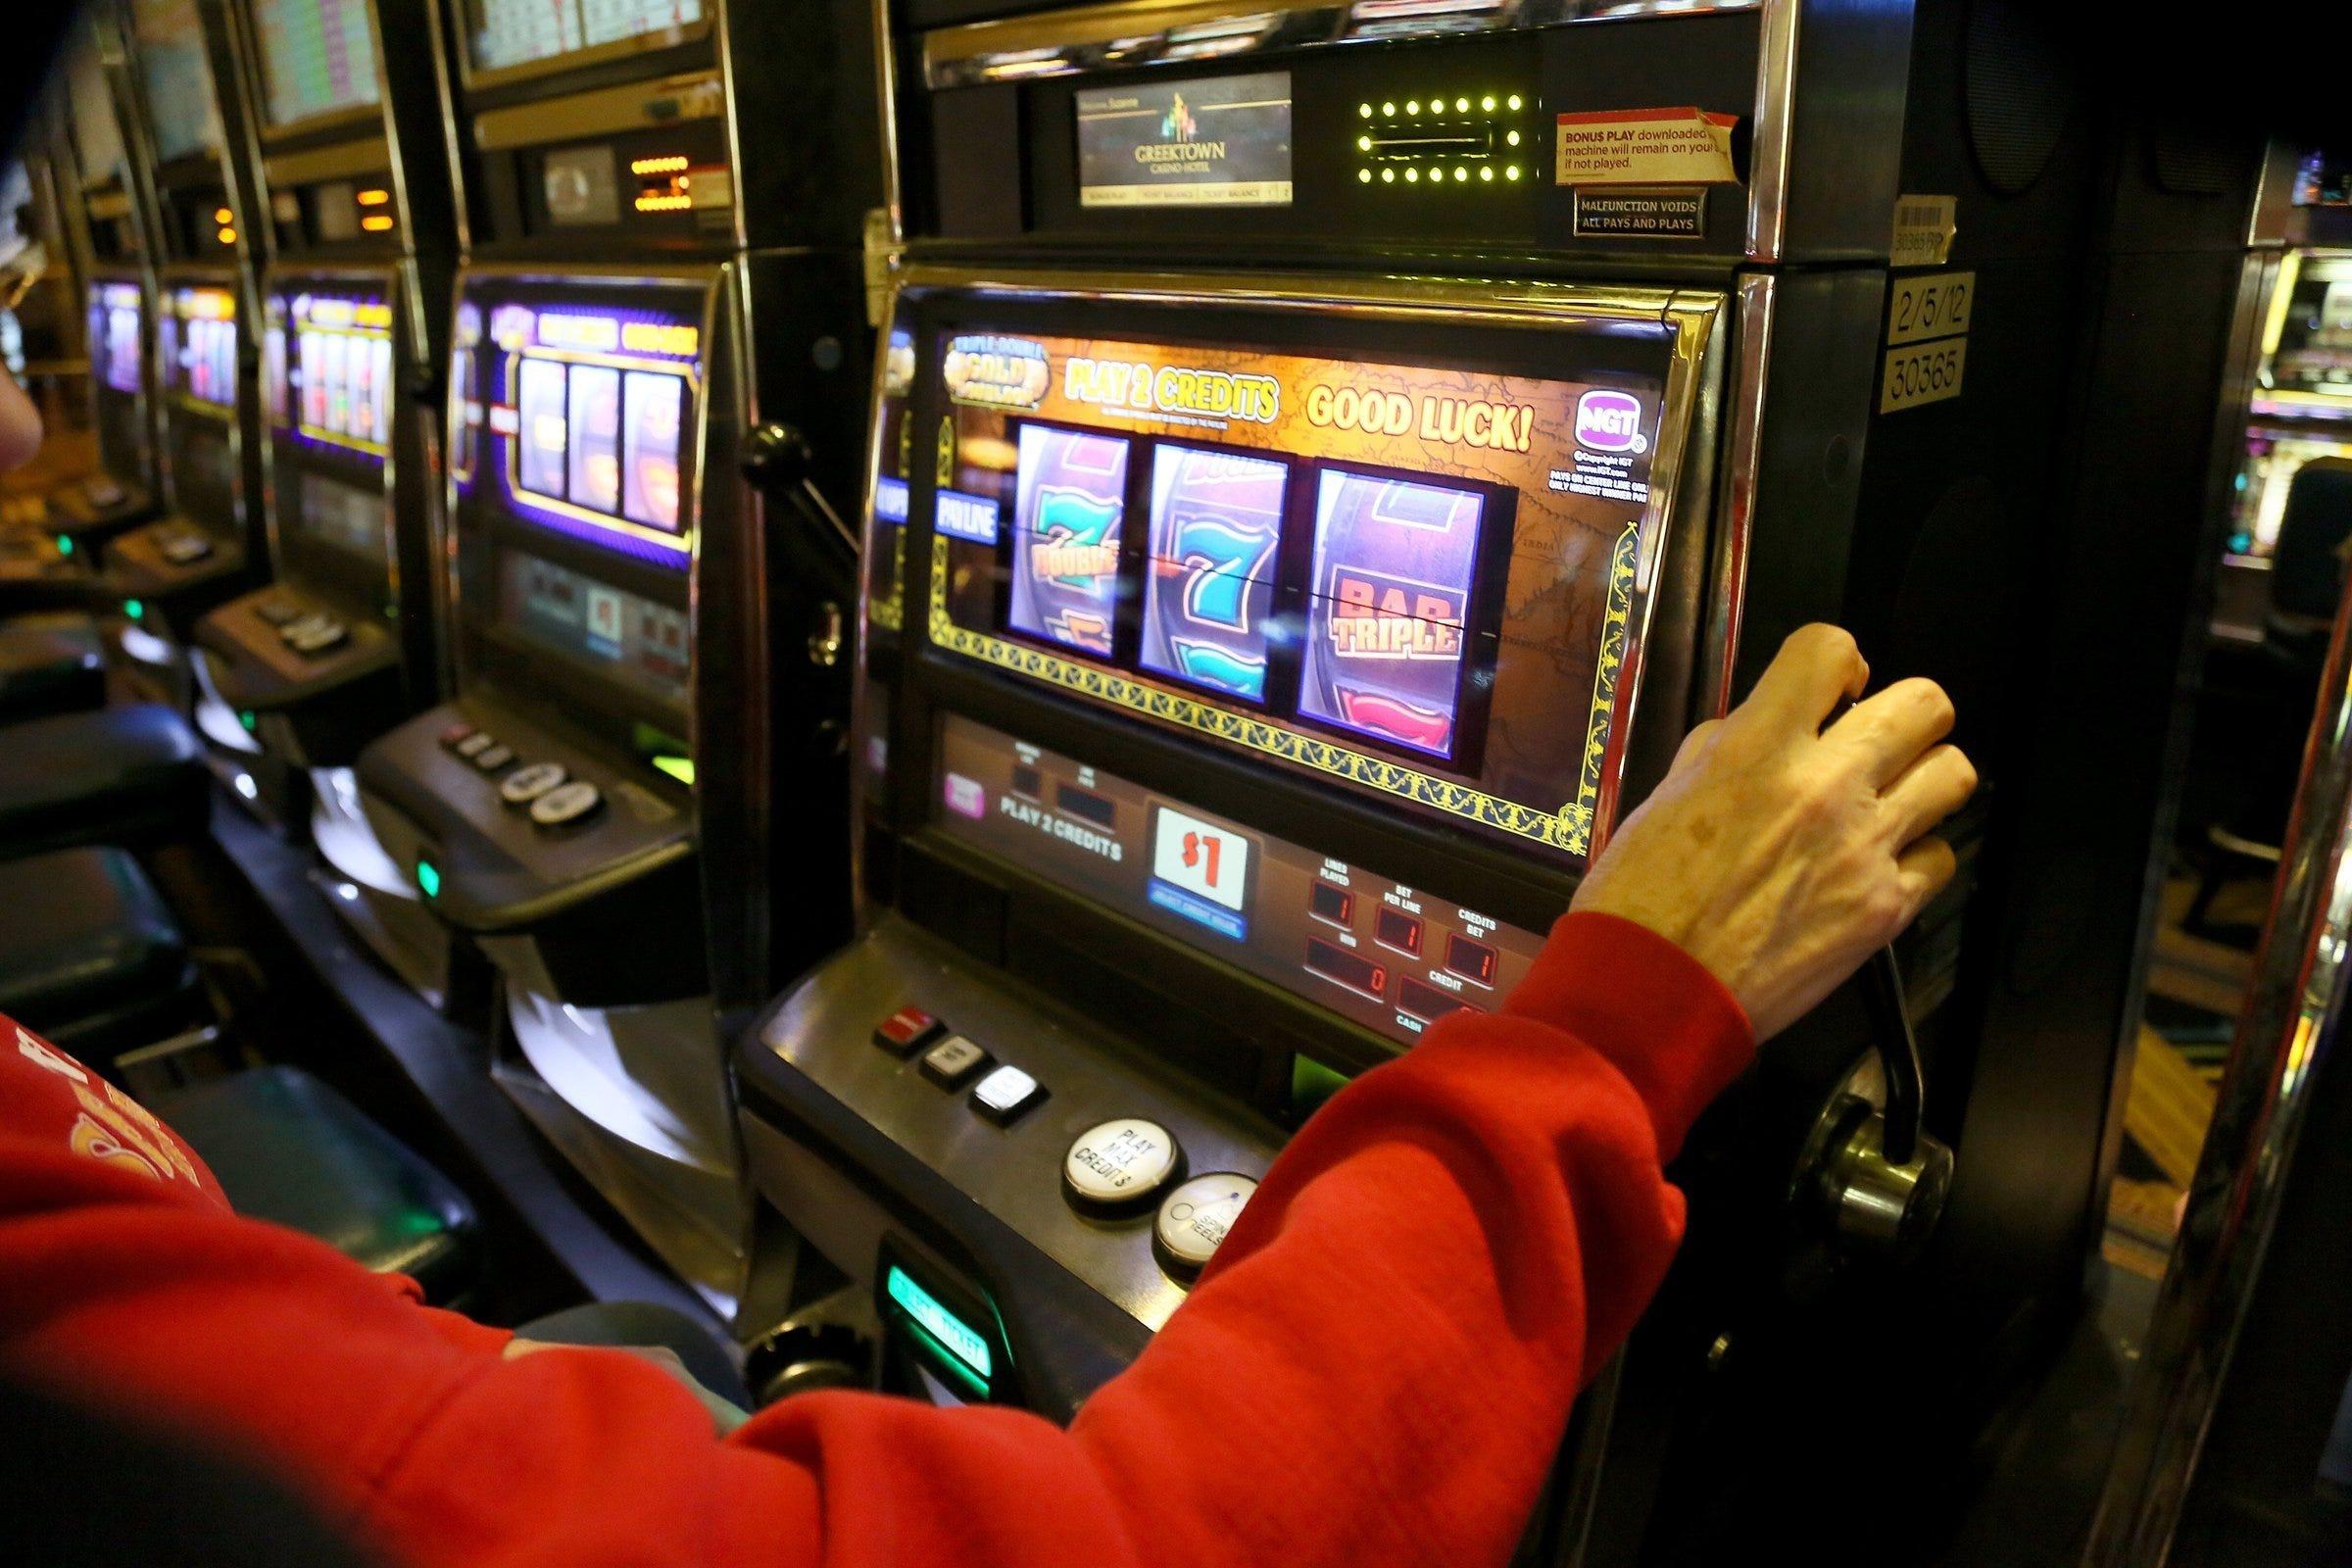 Games of nevada slot machine zuma slot machine